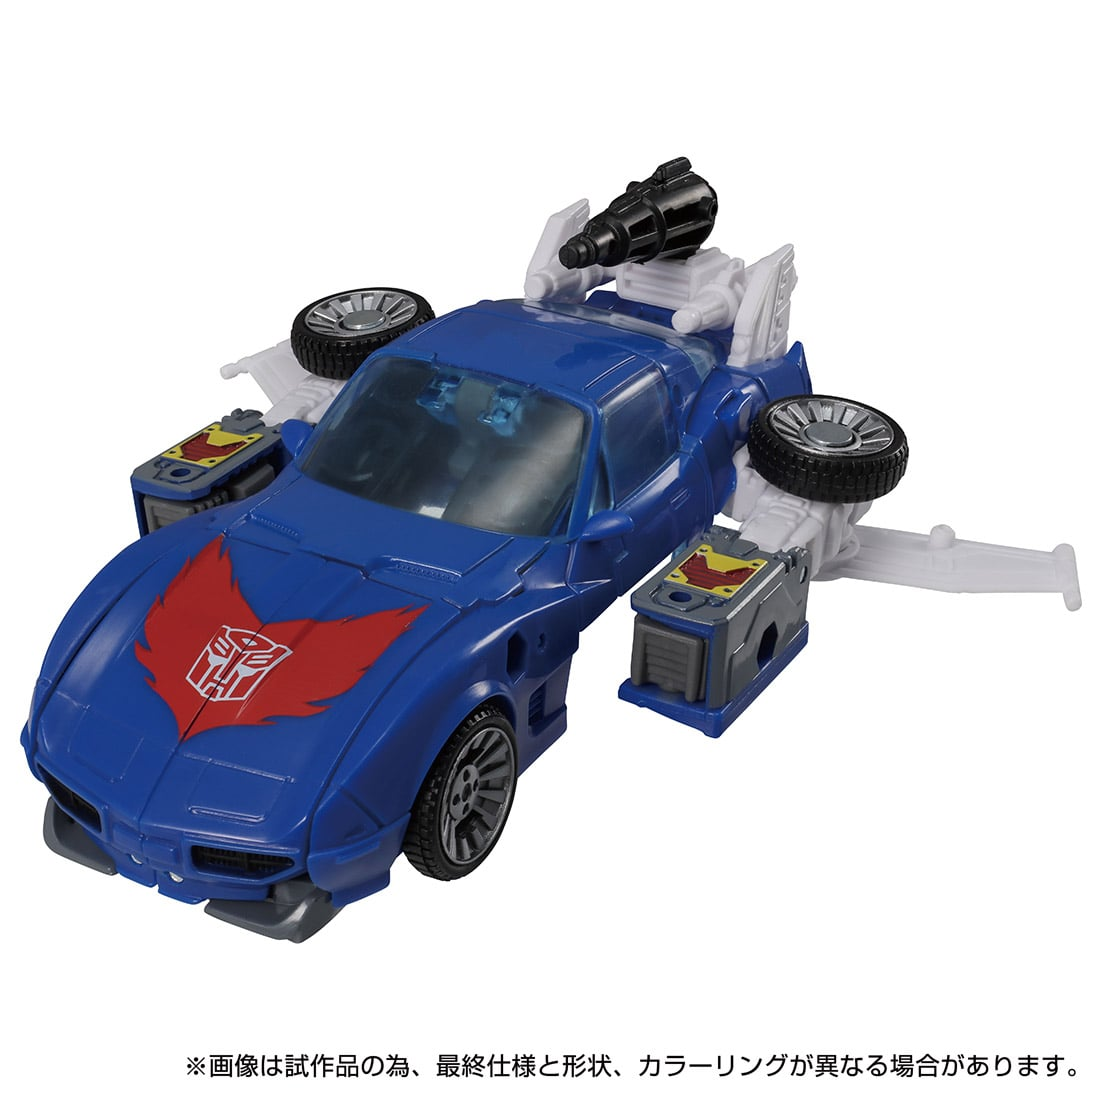 トランスフォーマー キングダム『KD-15 トラックス』可変可動フィギュア-004